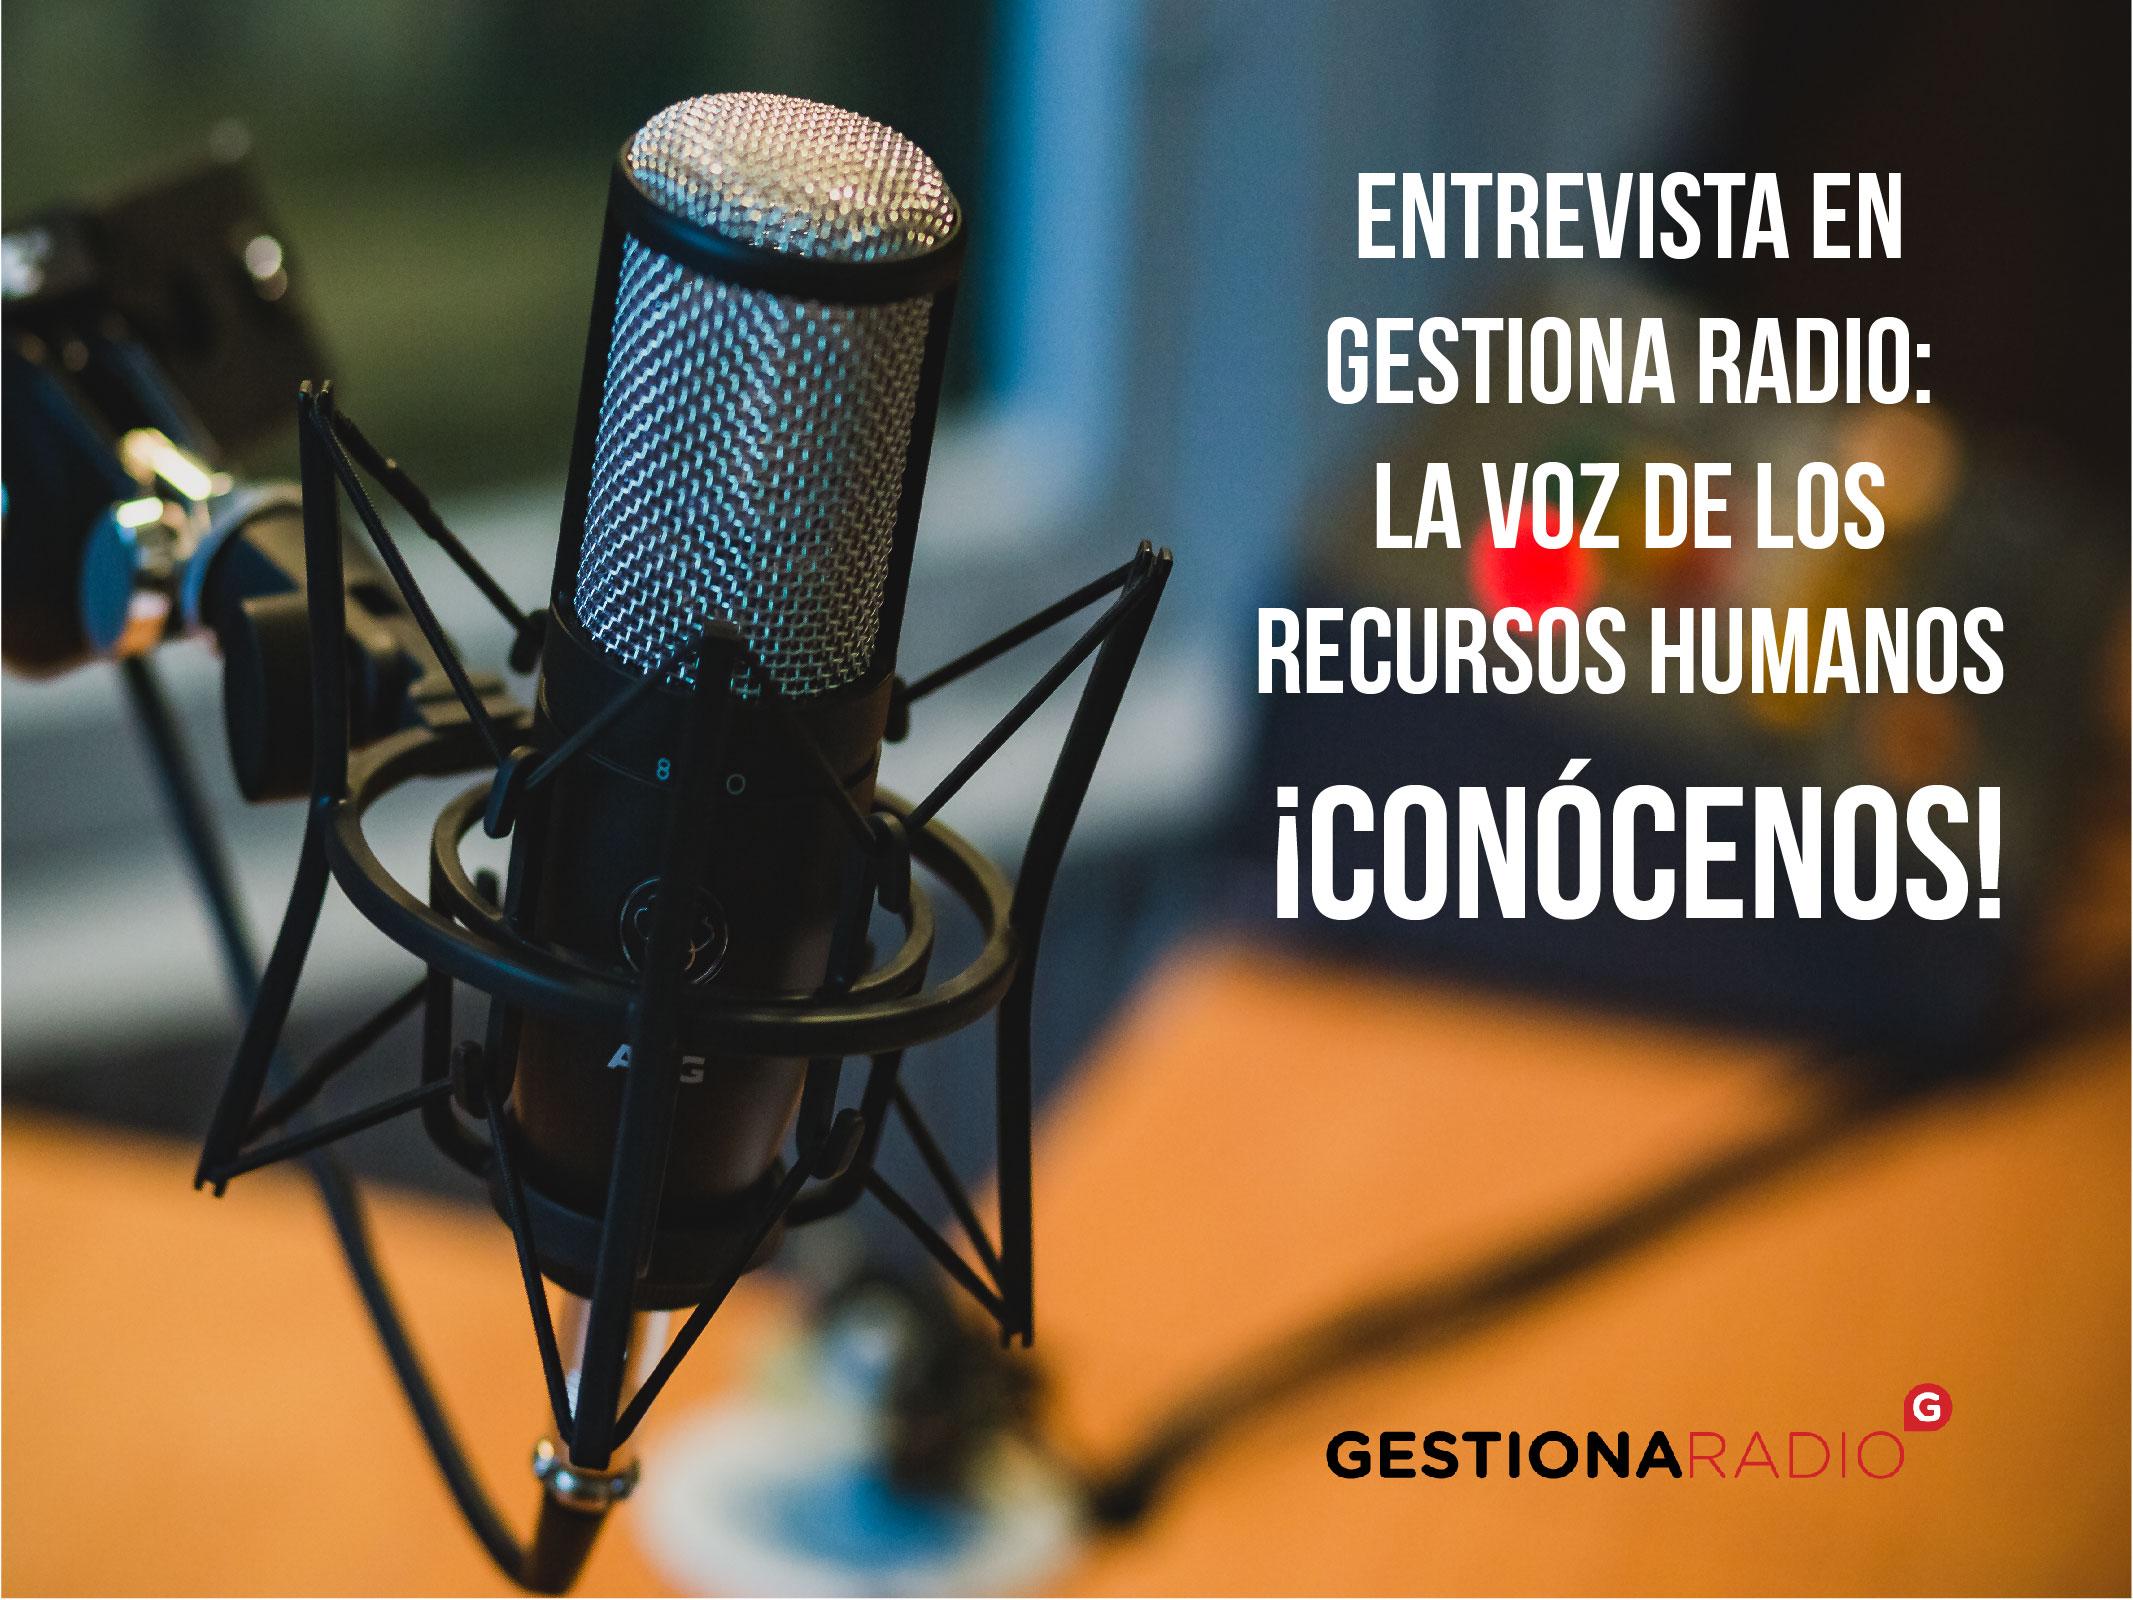 Entrevista - MHP Servicios de Control - Laycos Network - Gestiona Radio